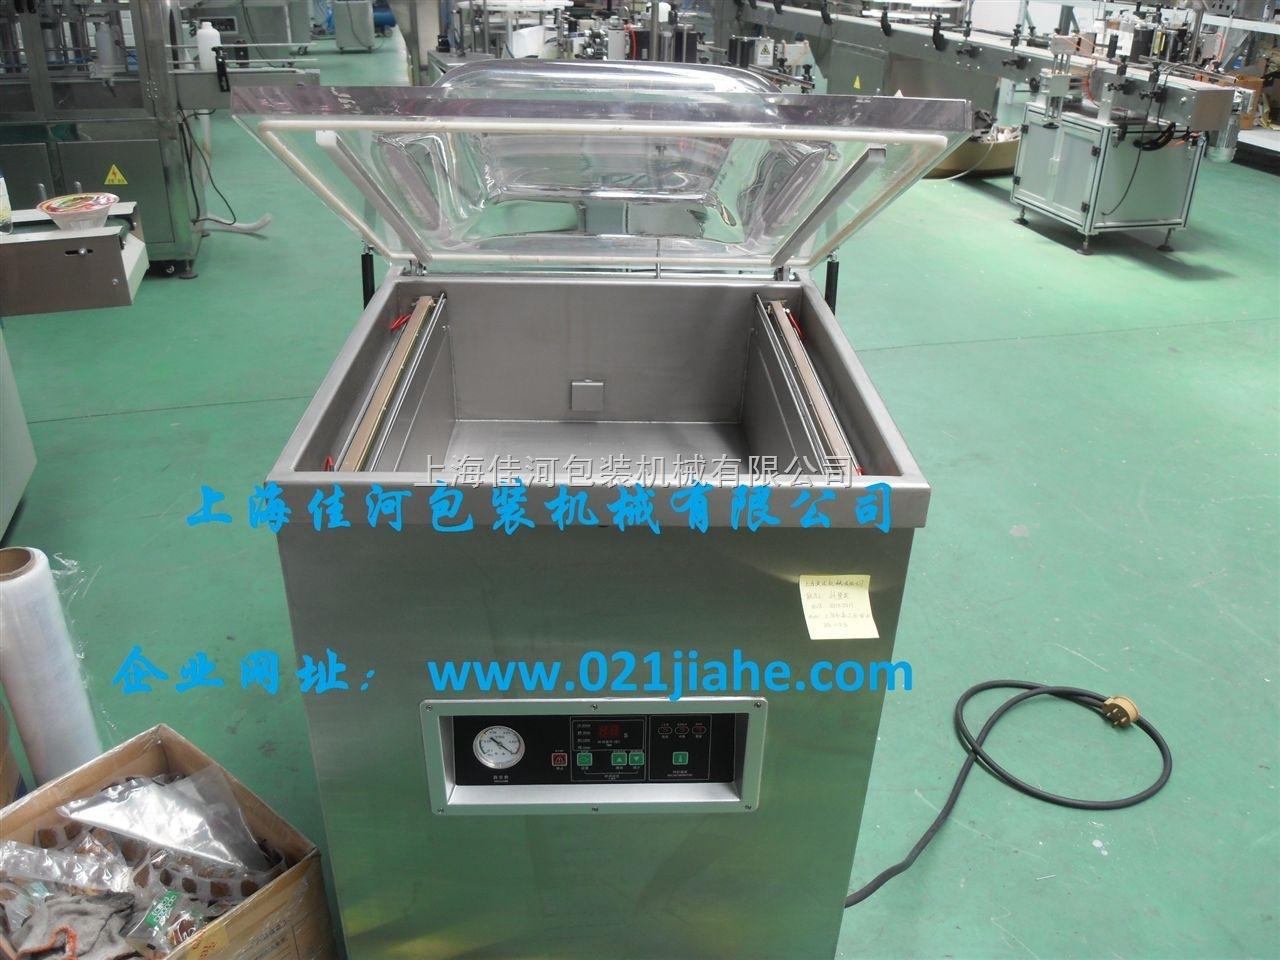 DZQ-400厂家直销 真空机  豆制品   榨菜  海鲜   鱼干真空包装机